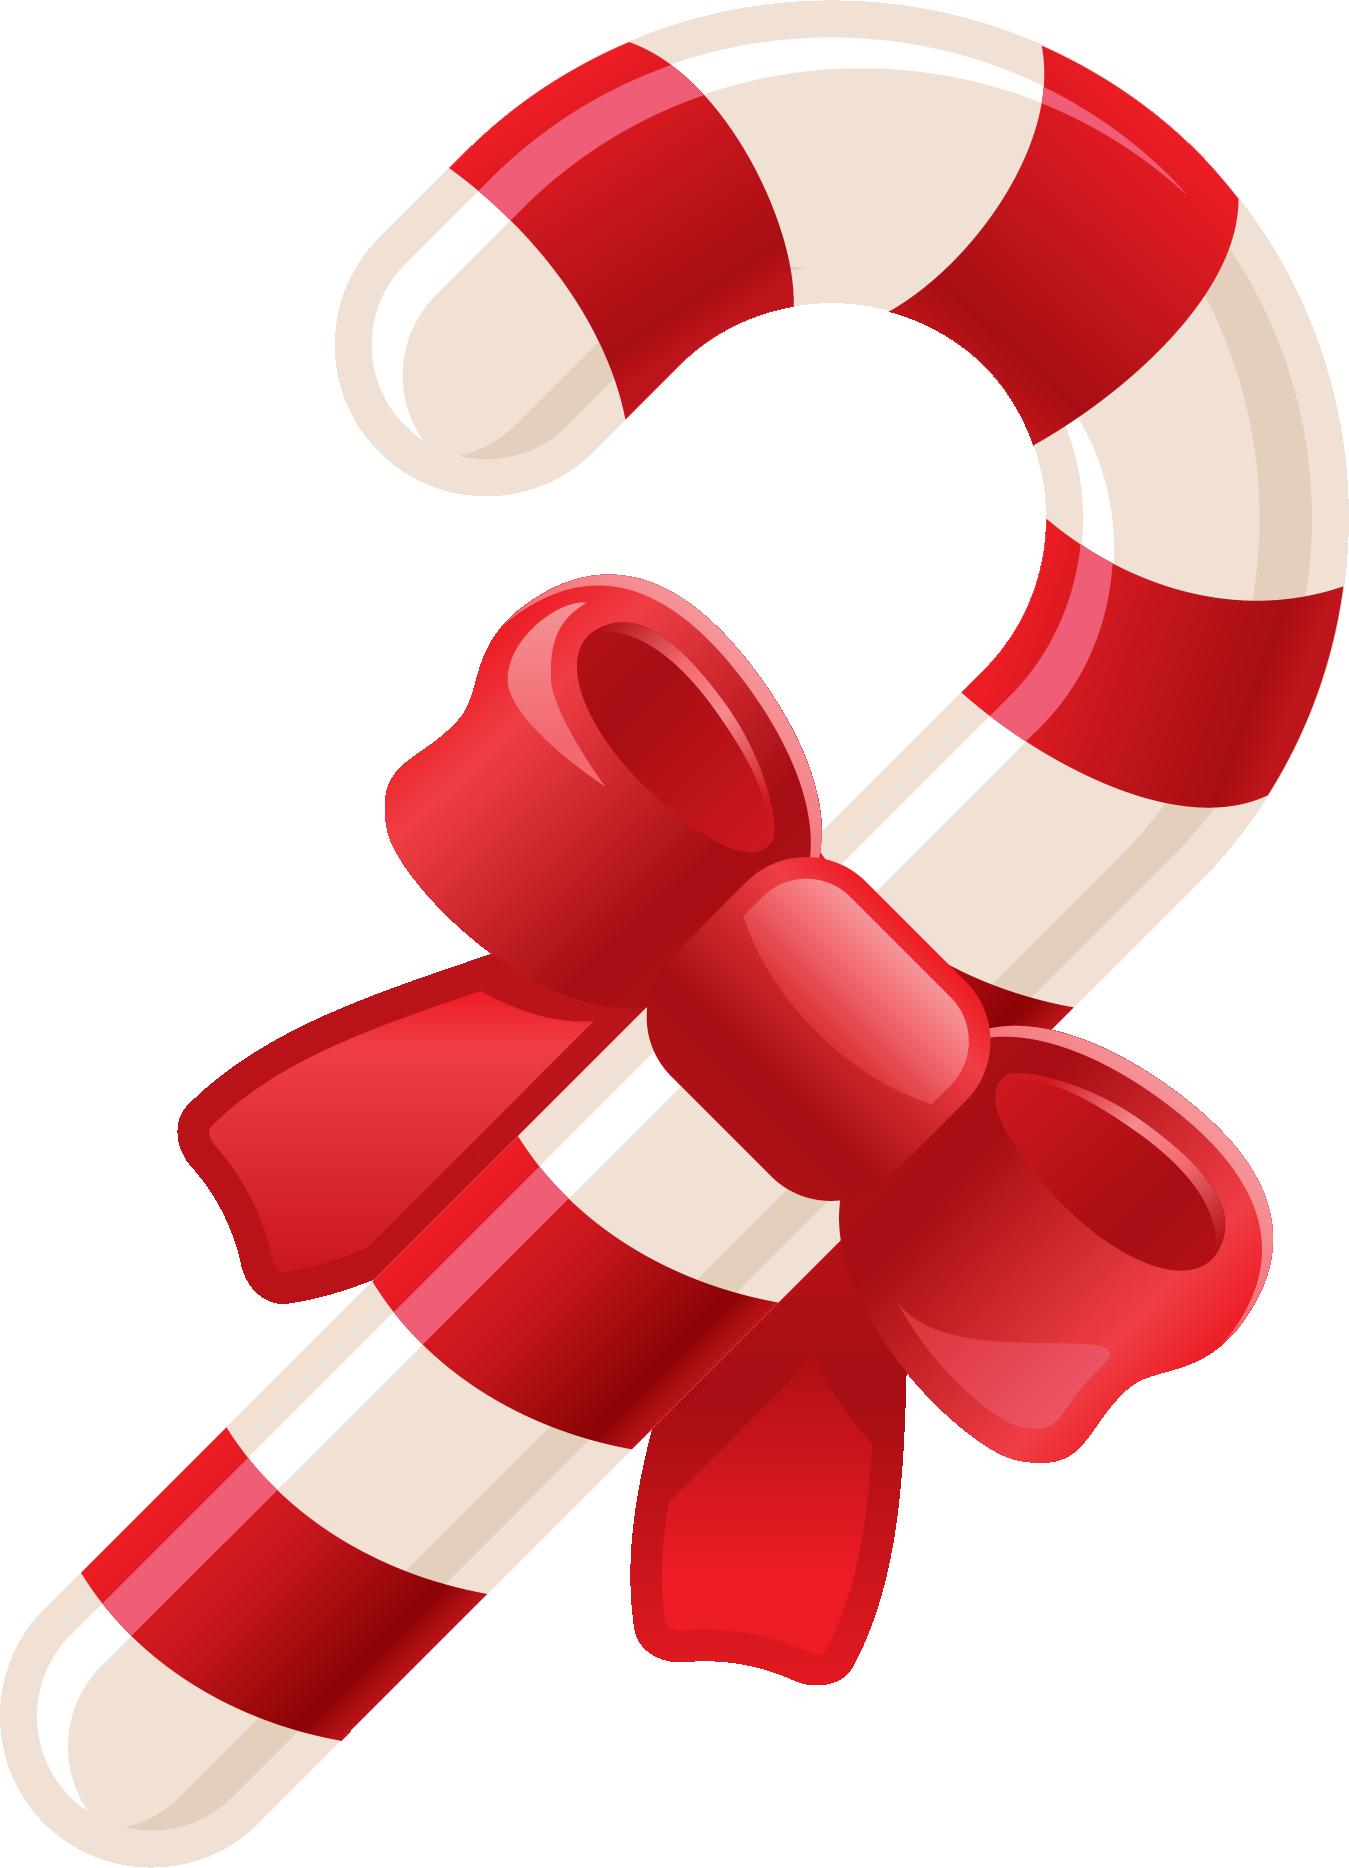 1349x1868 Holiday Free Clip Art Many Interesting Cliparts